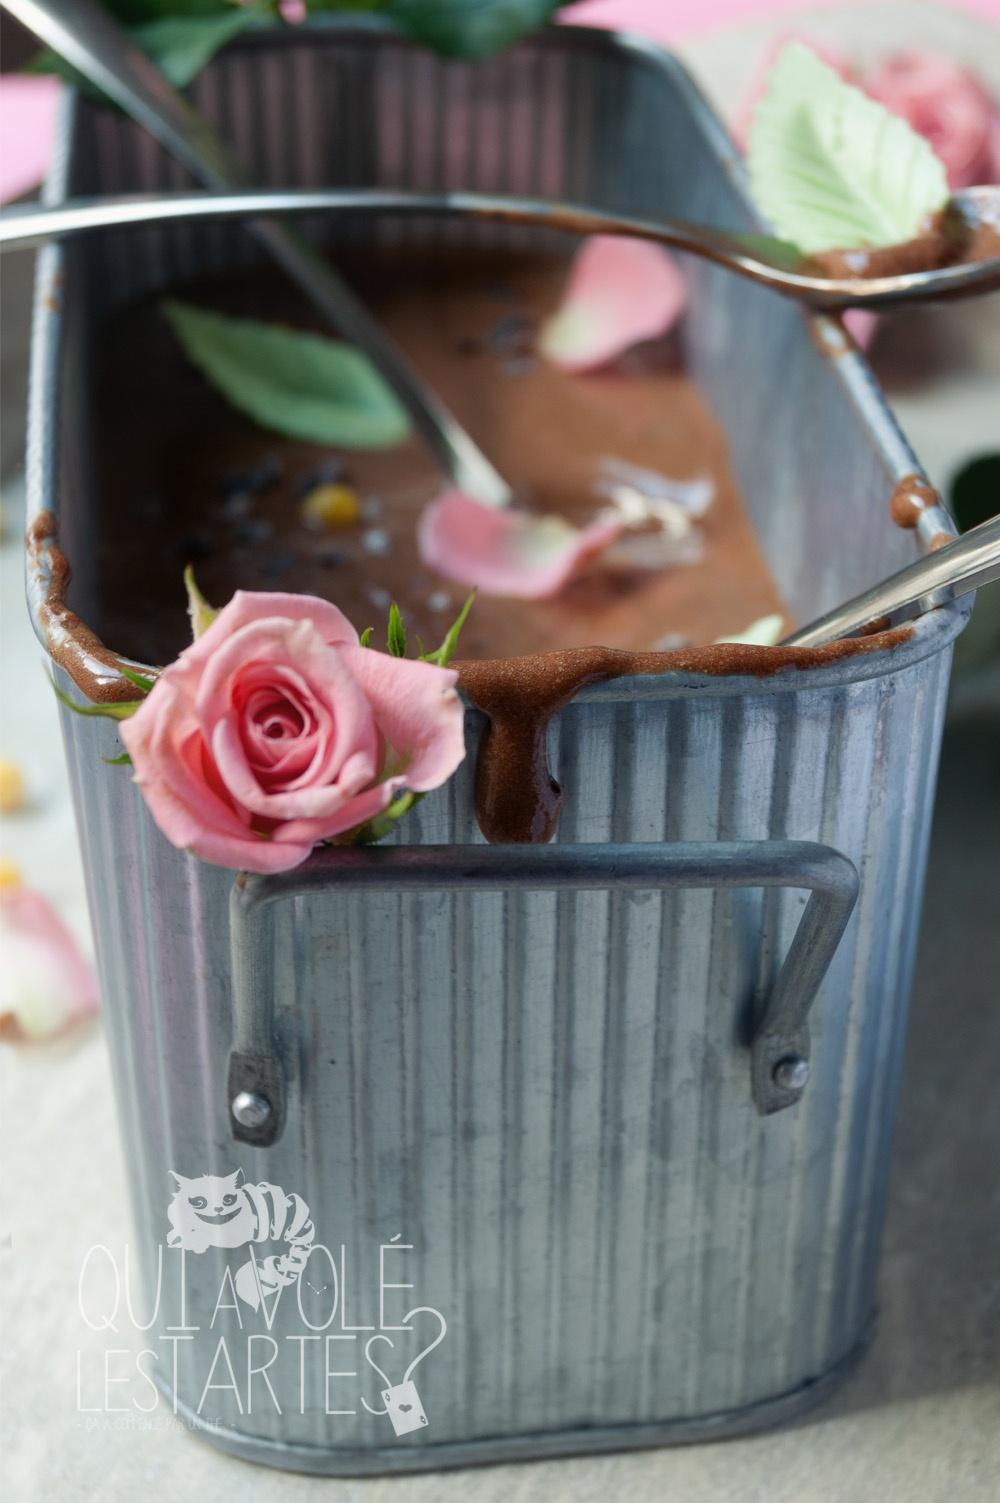 La jardinière 5 - Mousse au chocolat - Qui a volé les tartes - Studio de création